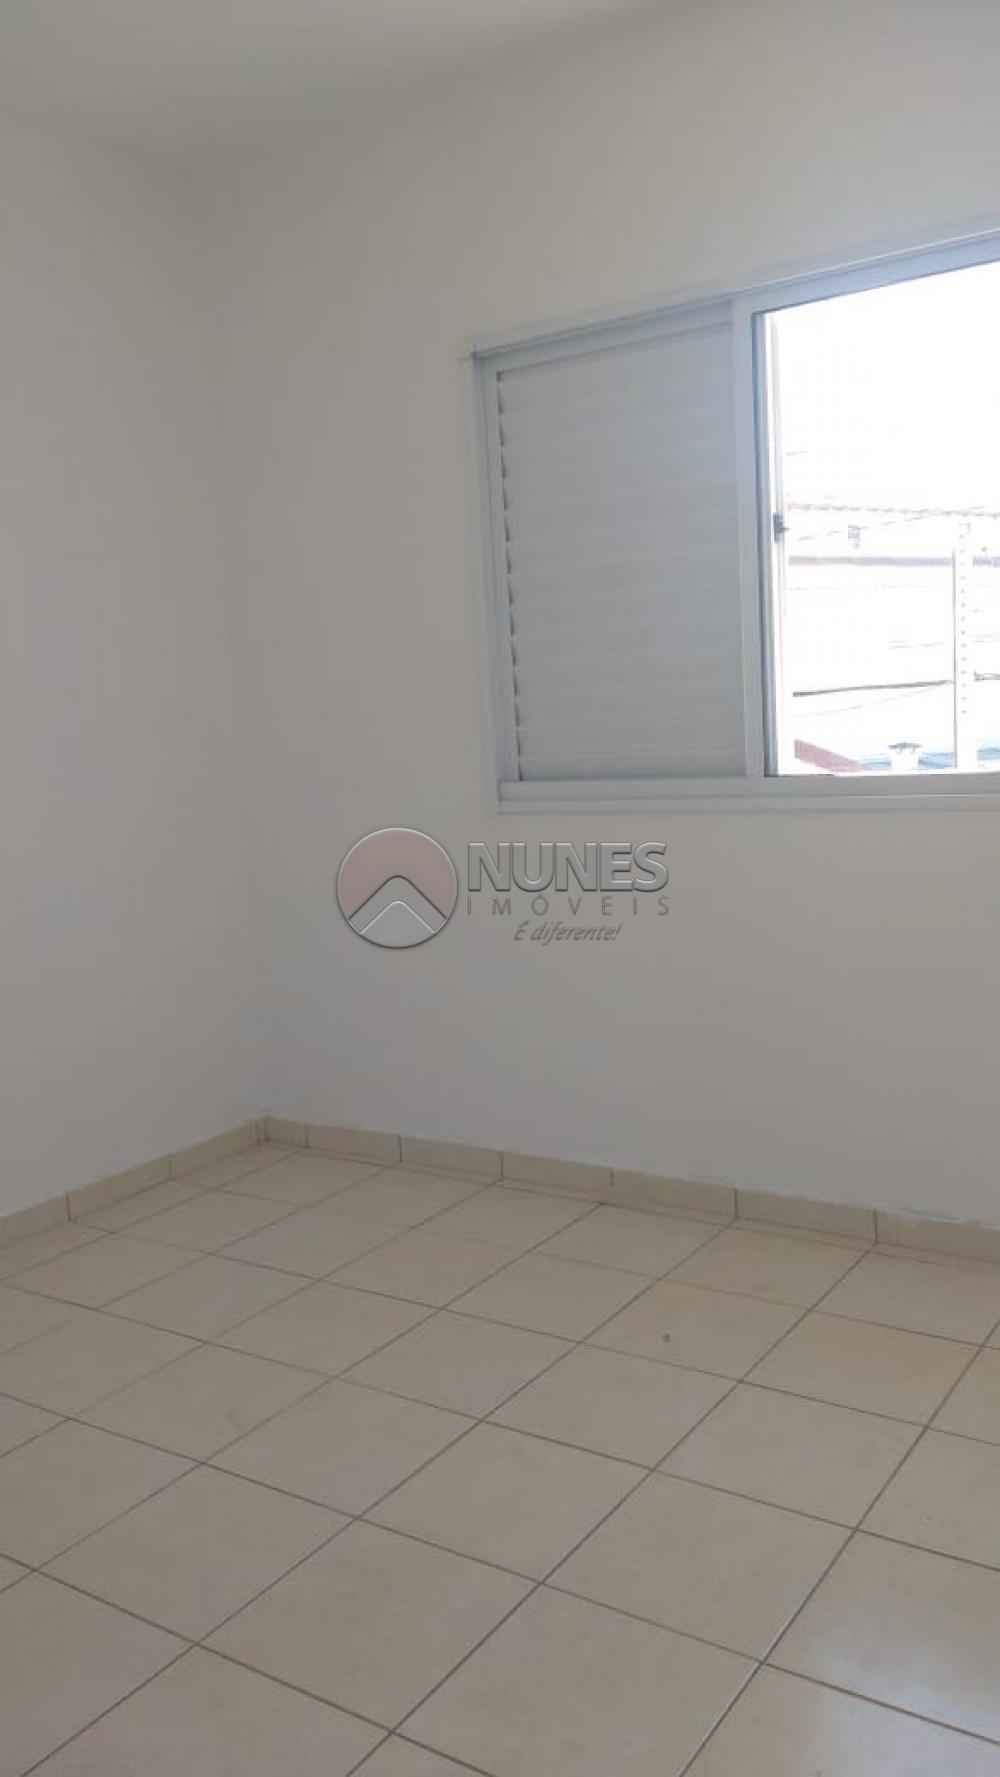 Comprar Casa / Cond.fechado em Carapicuíba apenas R$ 250.000,00 - Foto 14